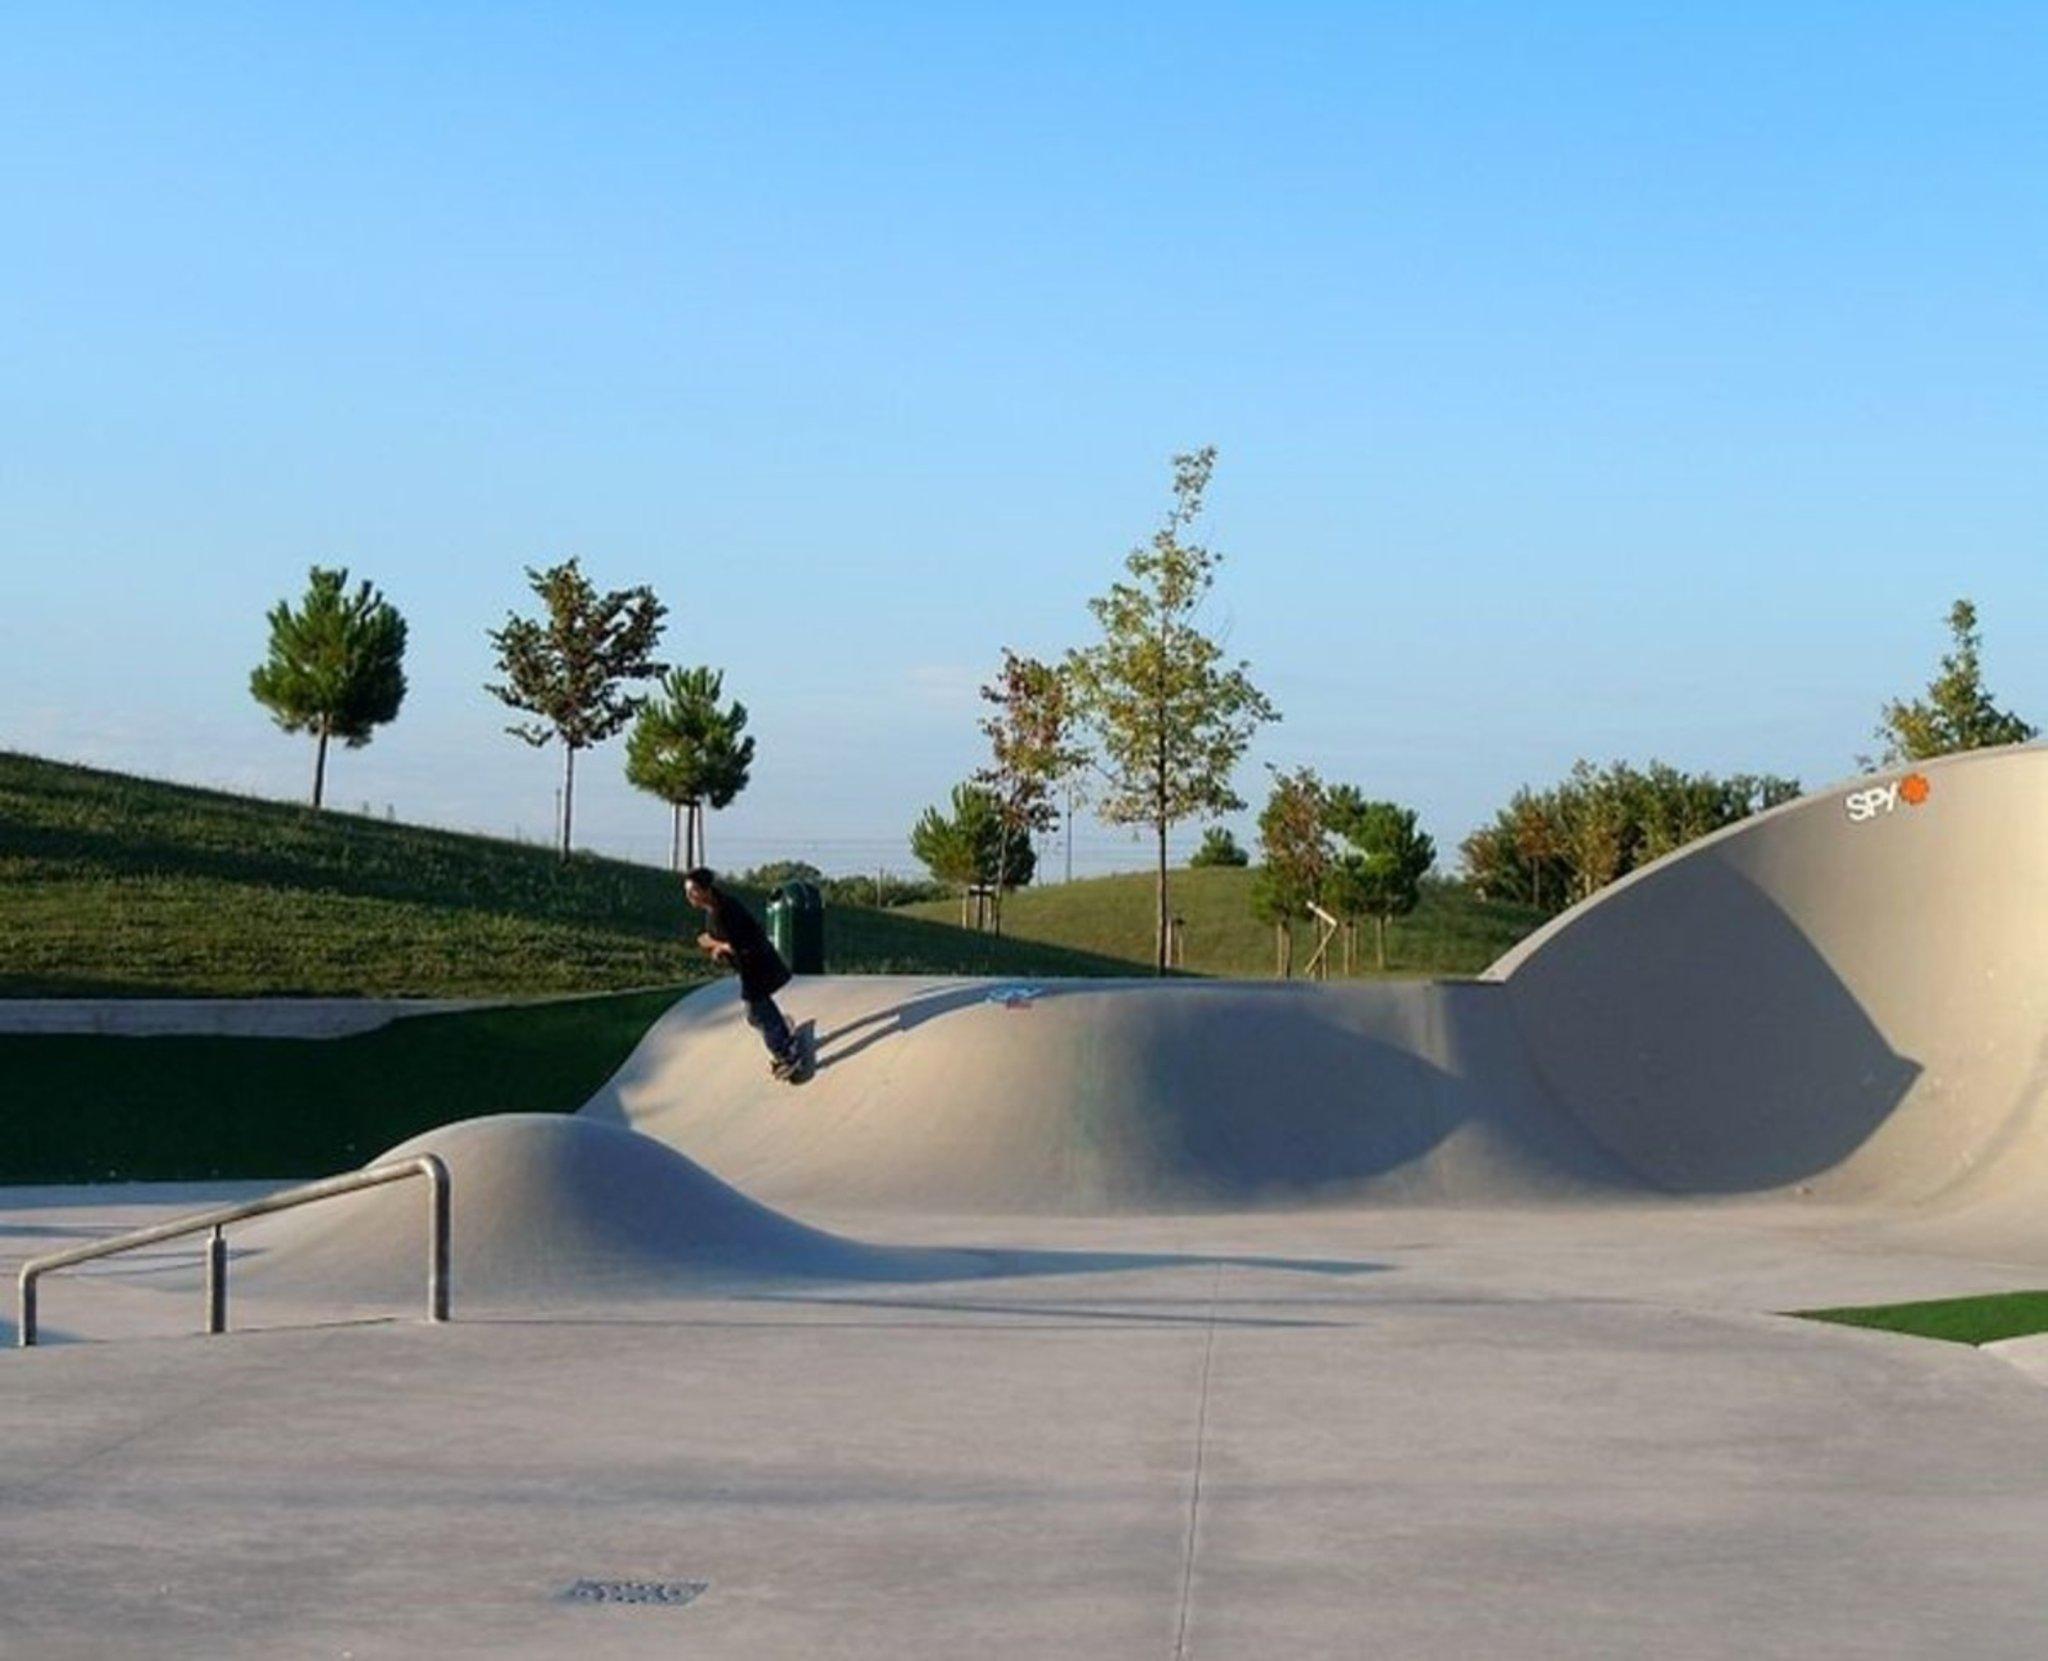 Juso-Vorhaben: Planung eines Skateparks kann bald beginnen - Lokalkompass.de